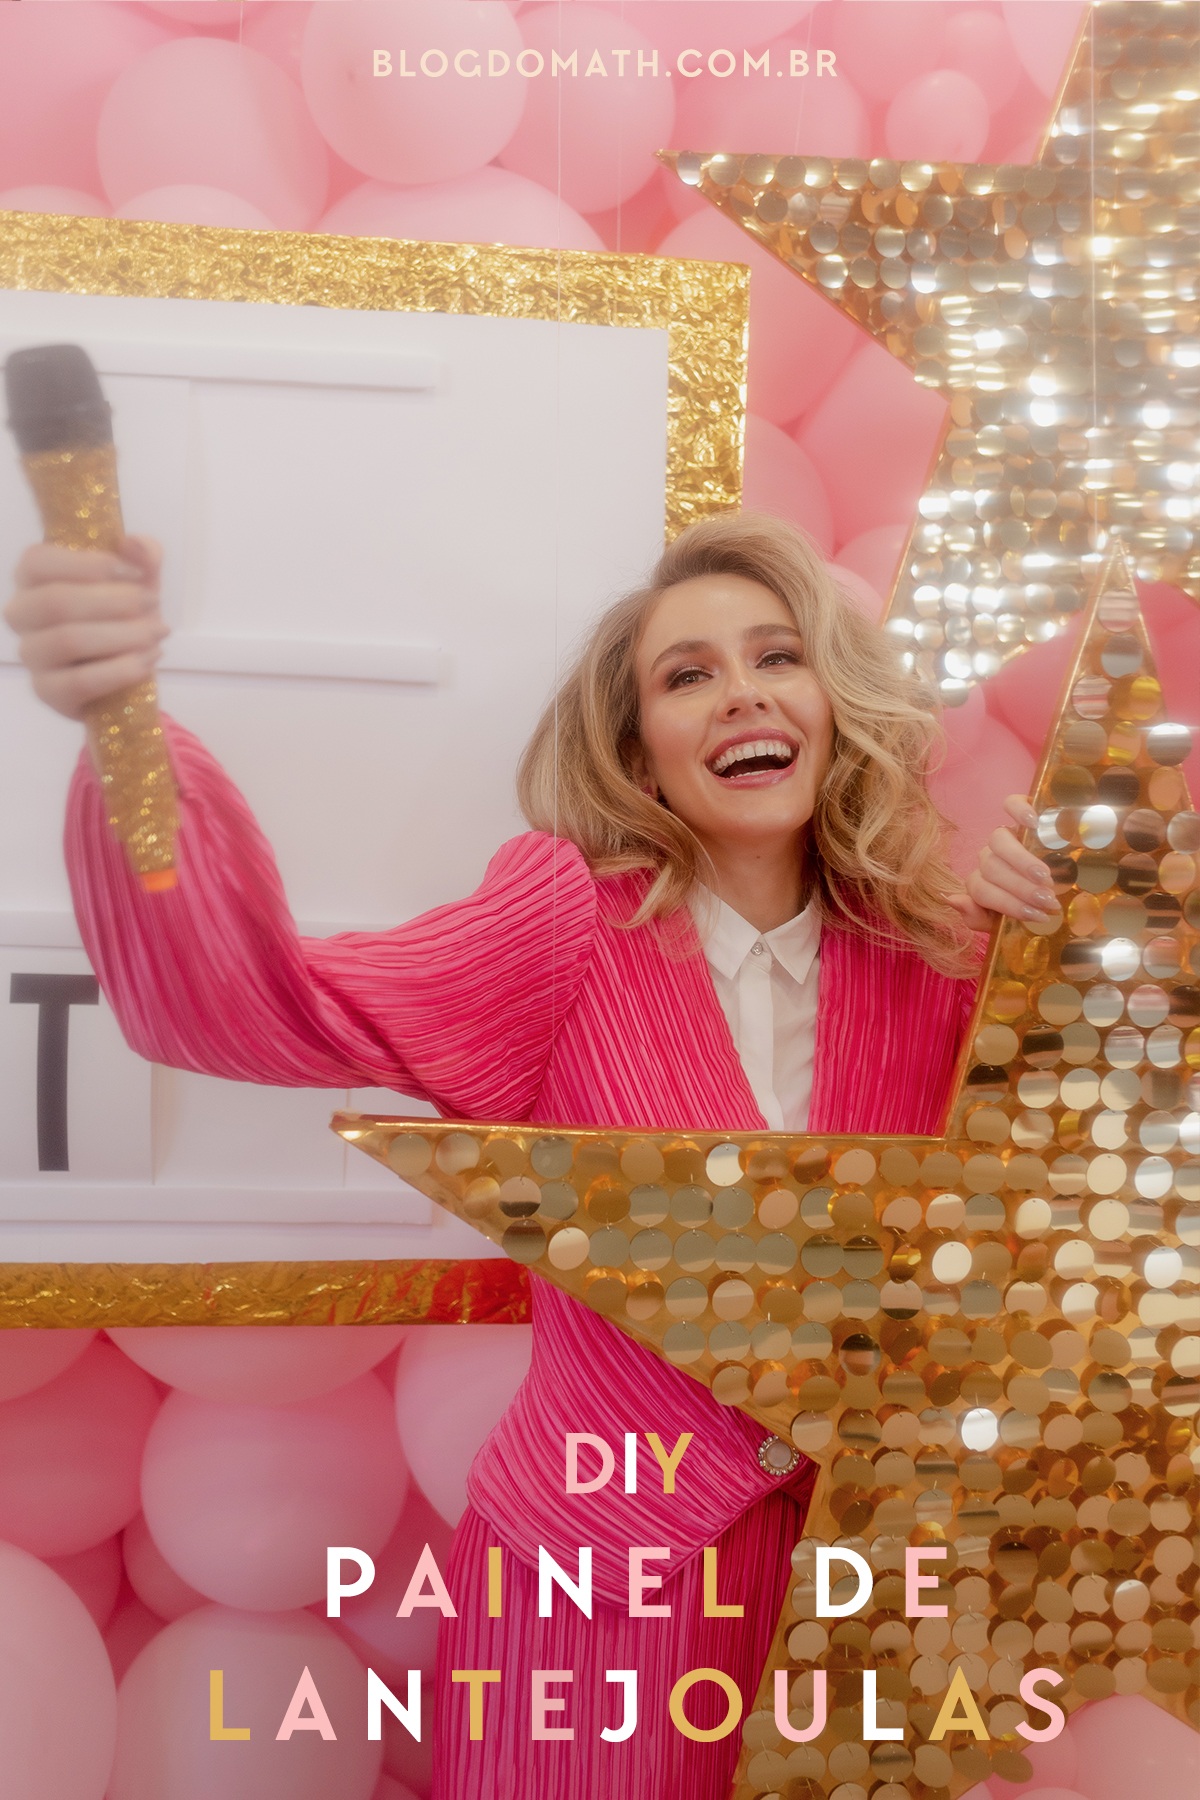 decoração ano novo festa estrela simples pinterest 2021 BLOG DO MATH - GAME SHOWS NETFLIX